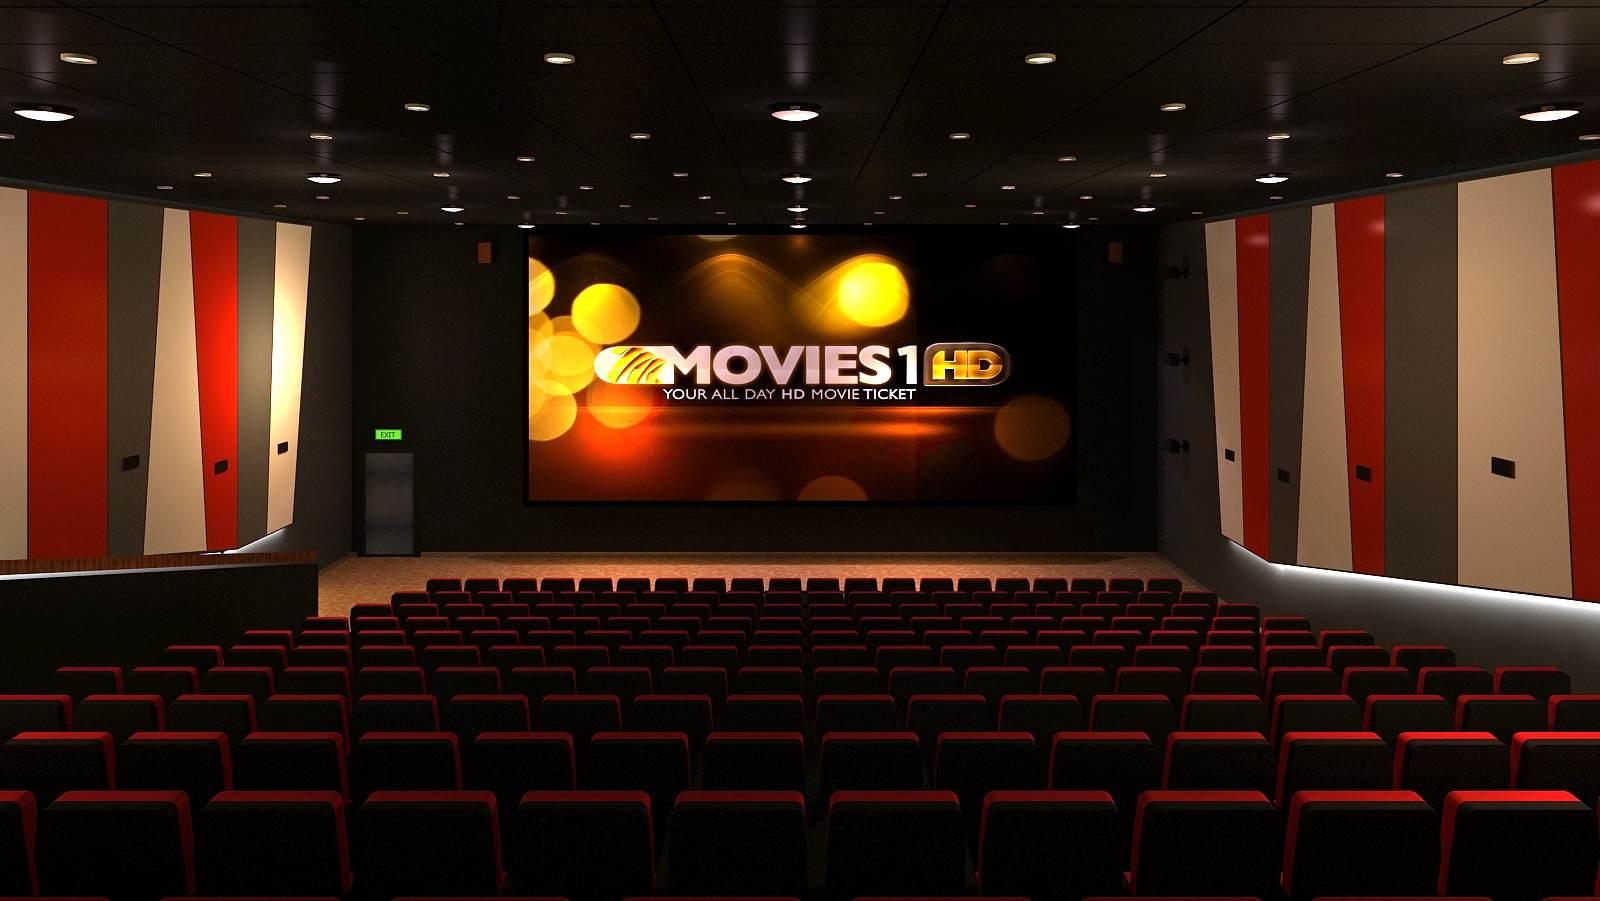 Rạp chiếu phim đẳng cấp. (hình minh hoạ)